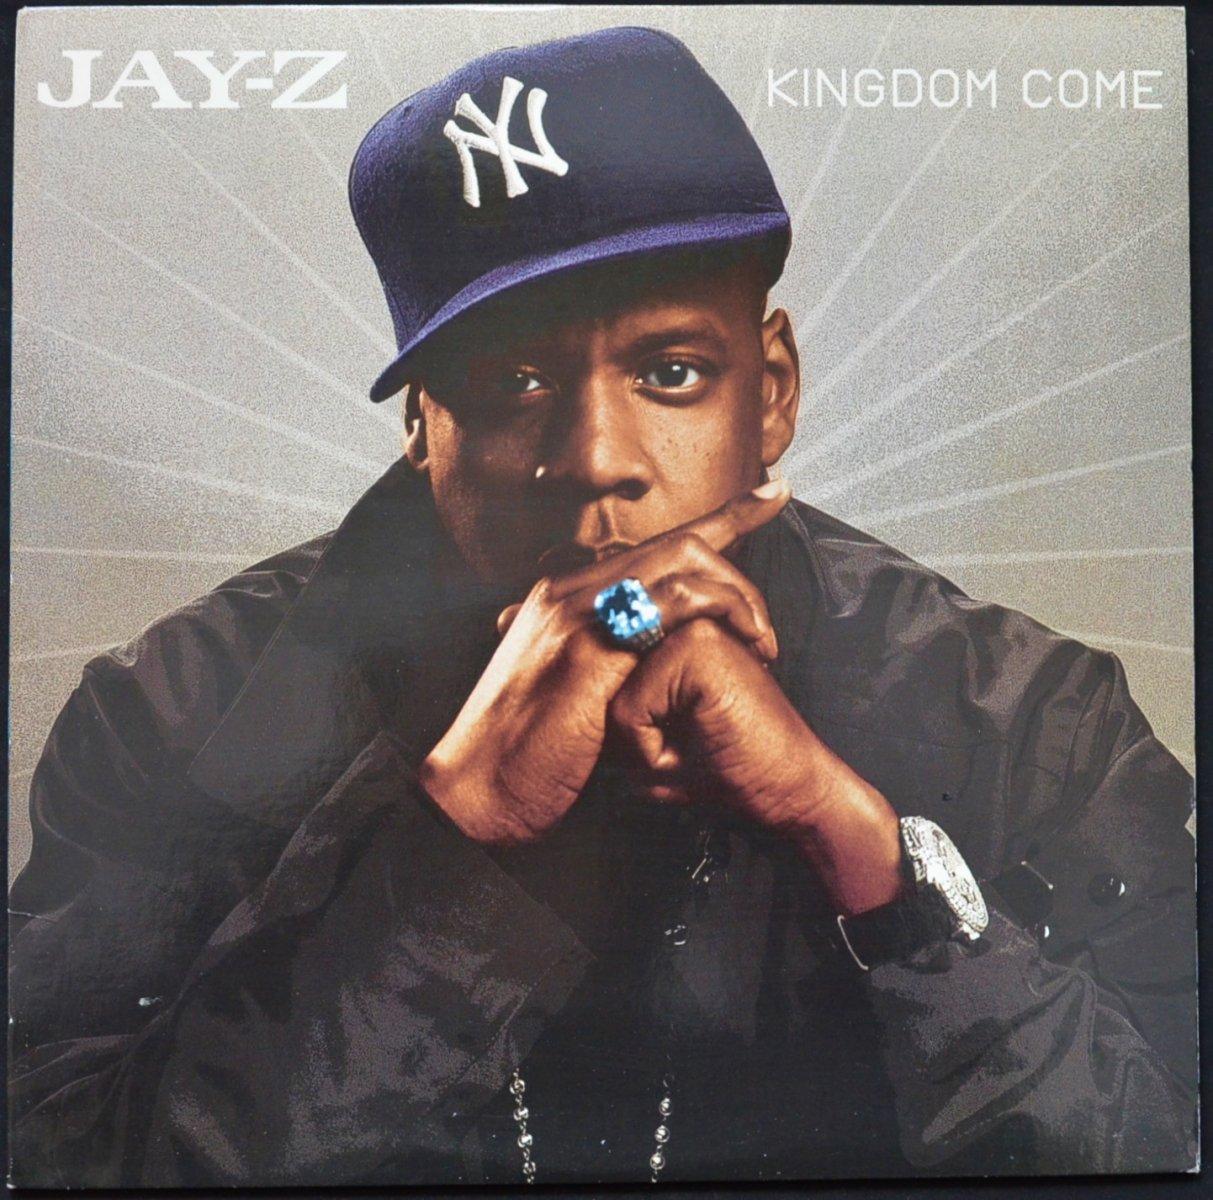 JAY-Z / KINGDOM COME / SHOW ME WHAT YOU GOT (PROD BY JUST BLAZE) (12